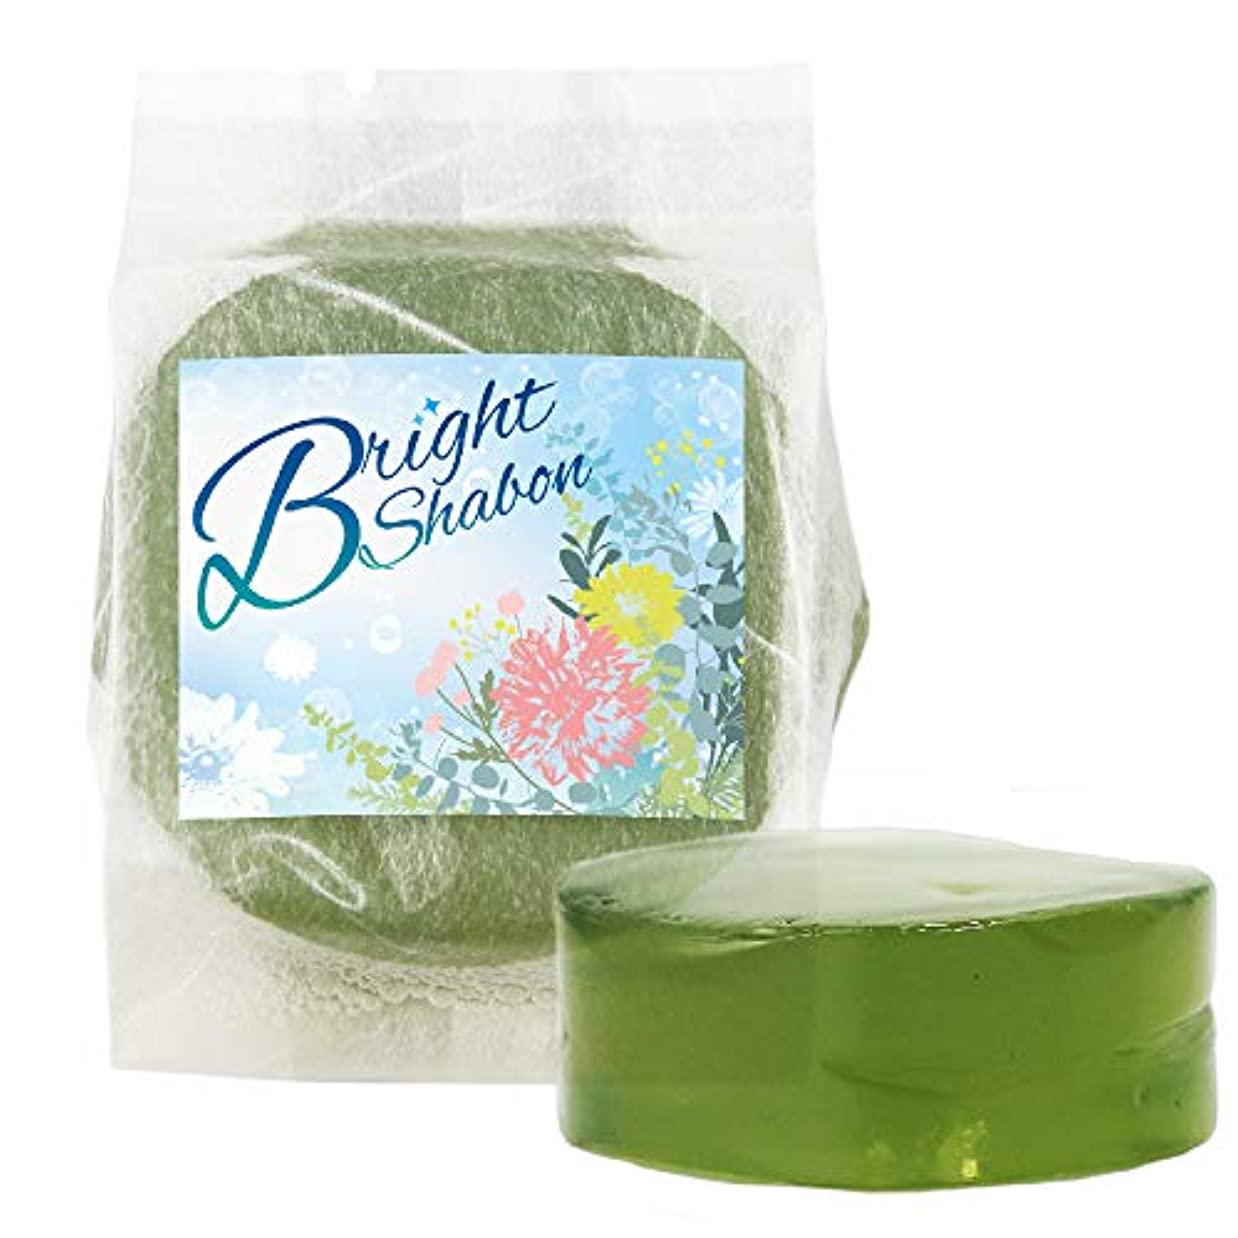 冷凍庫また明日ねスパークブライトシャボン Bright Shabon 洗顔料 ぷるぷる石鹸 石けん